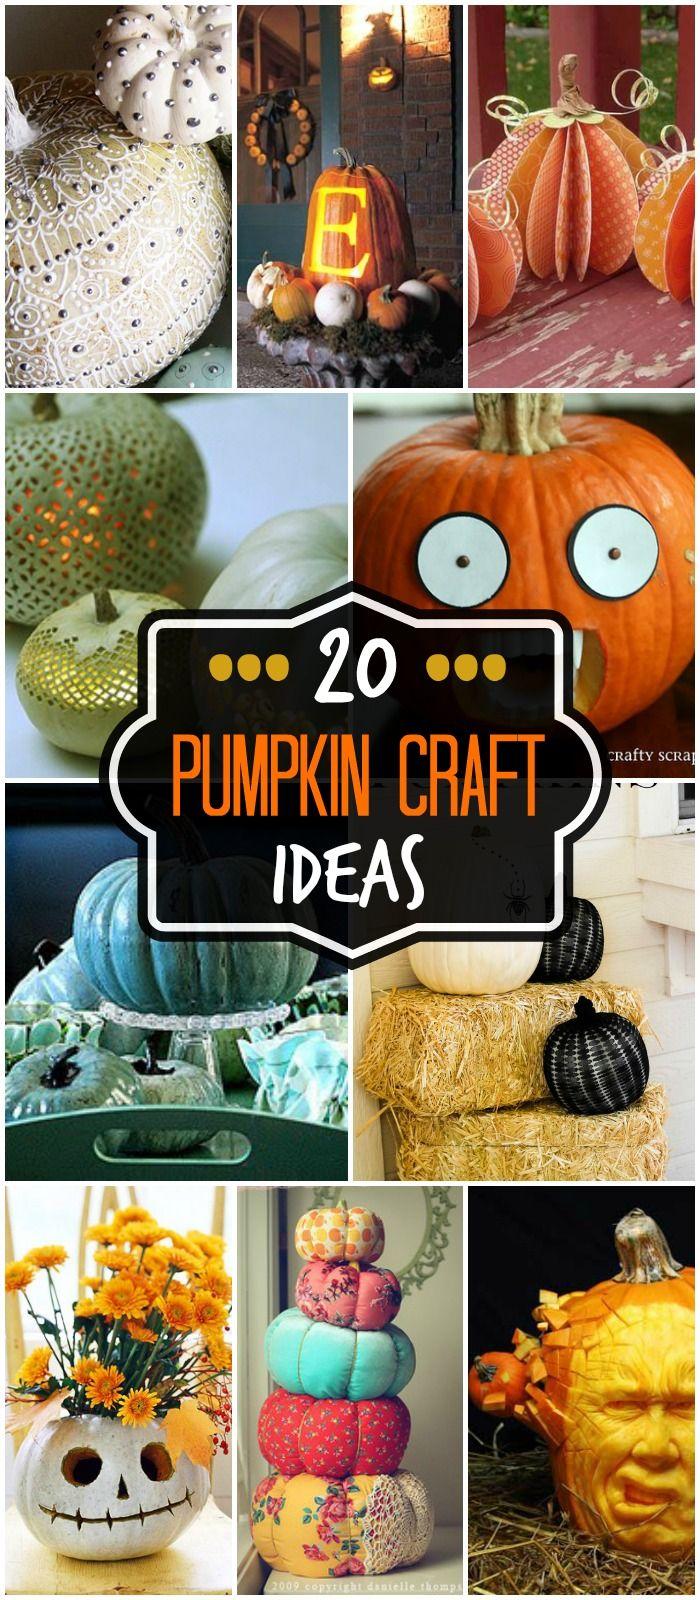 20 Pumpkin Craft Ideas